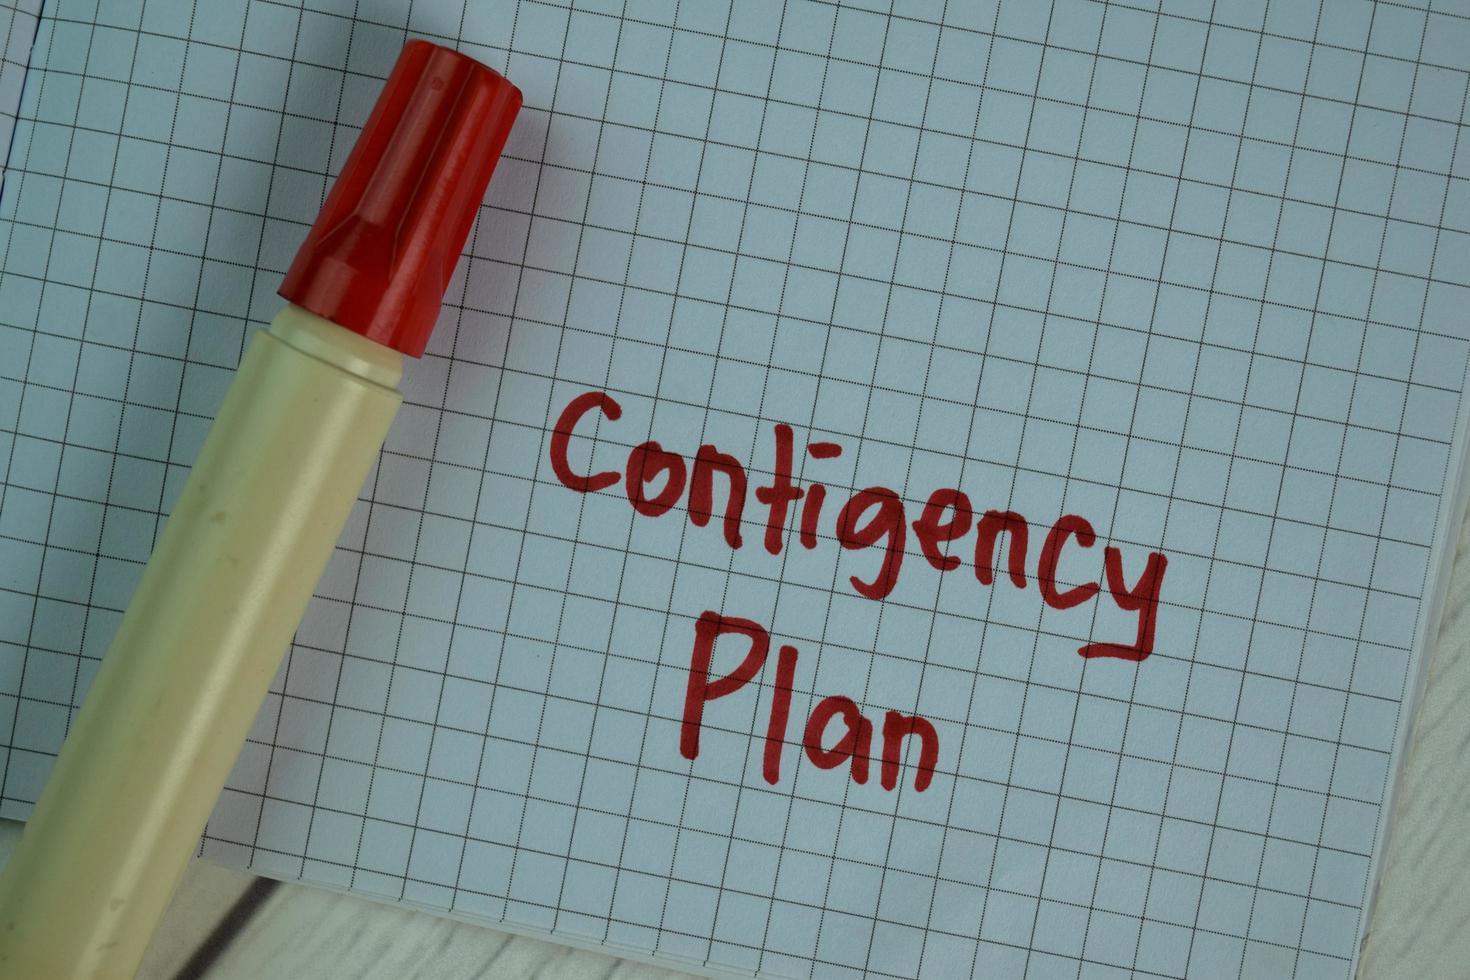 Plan d'urgence écrit sur pense-bête isolé sur table en bois photo